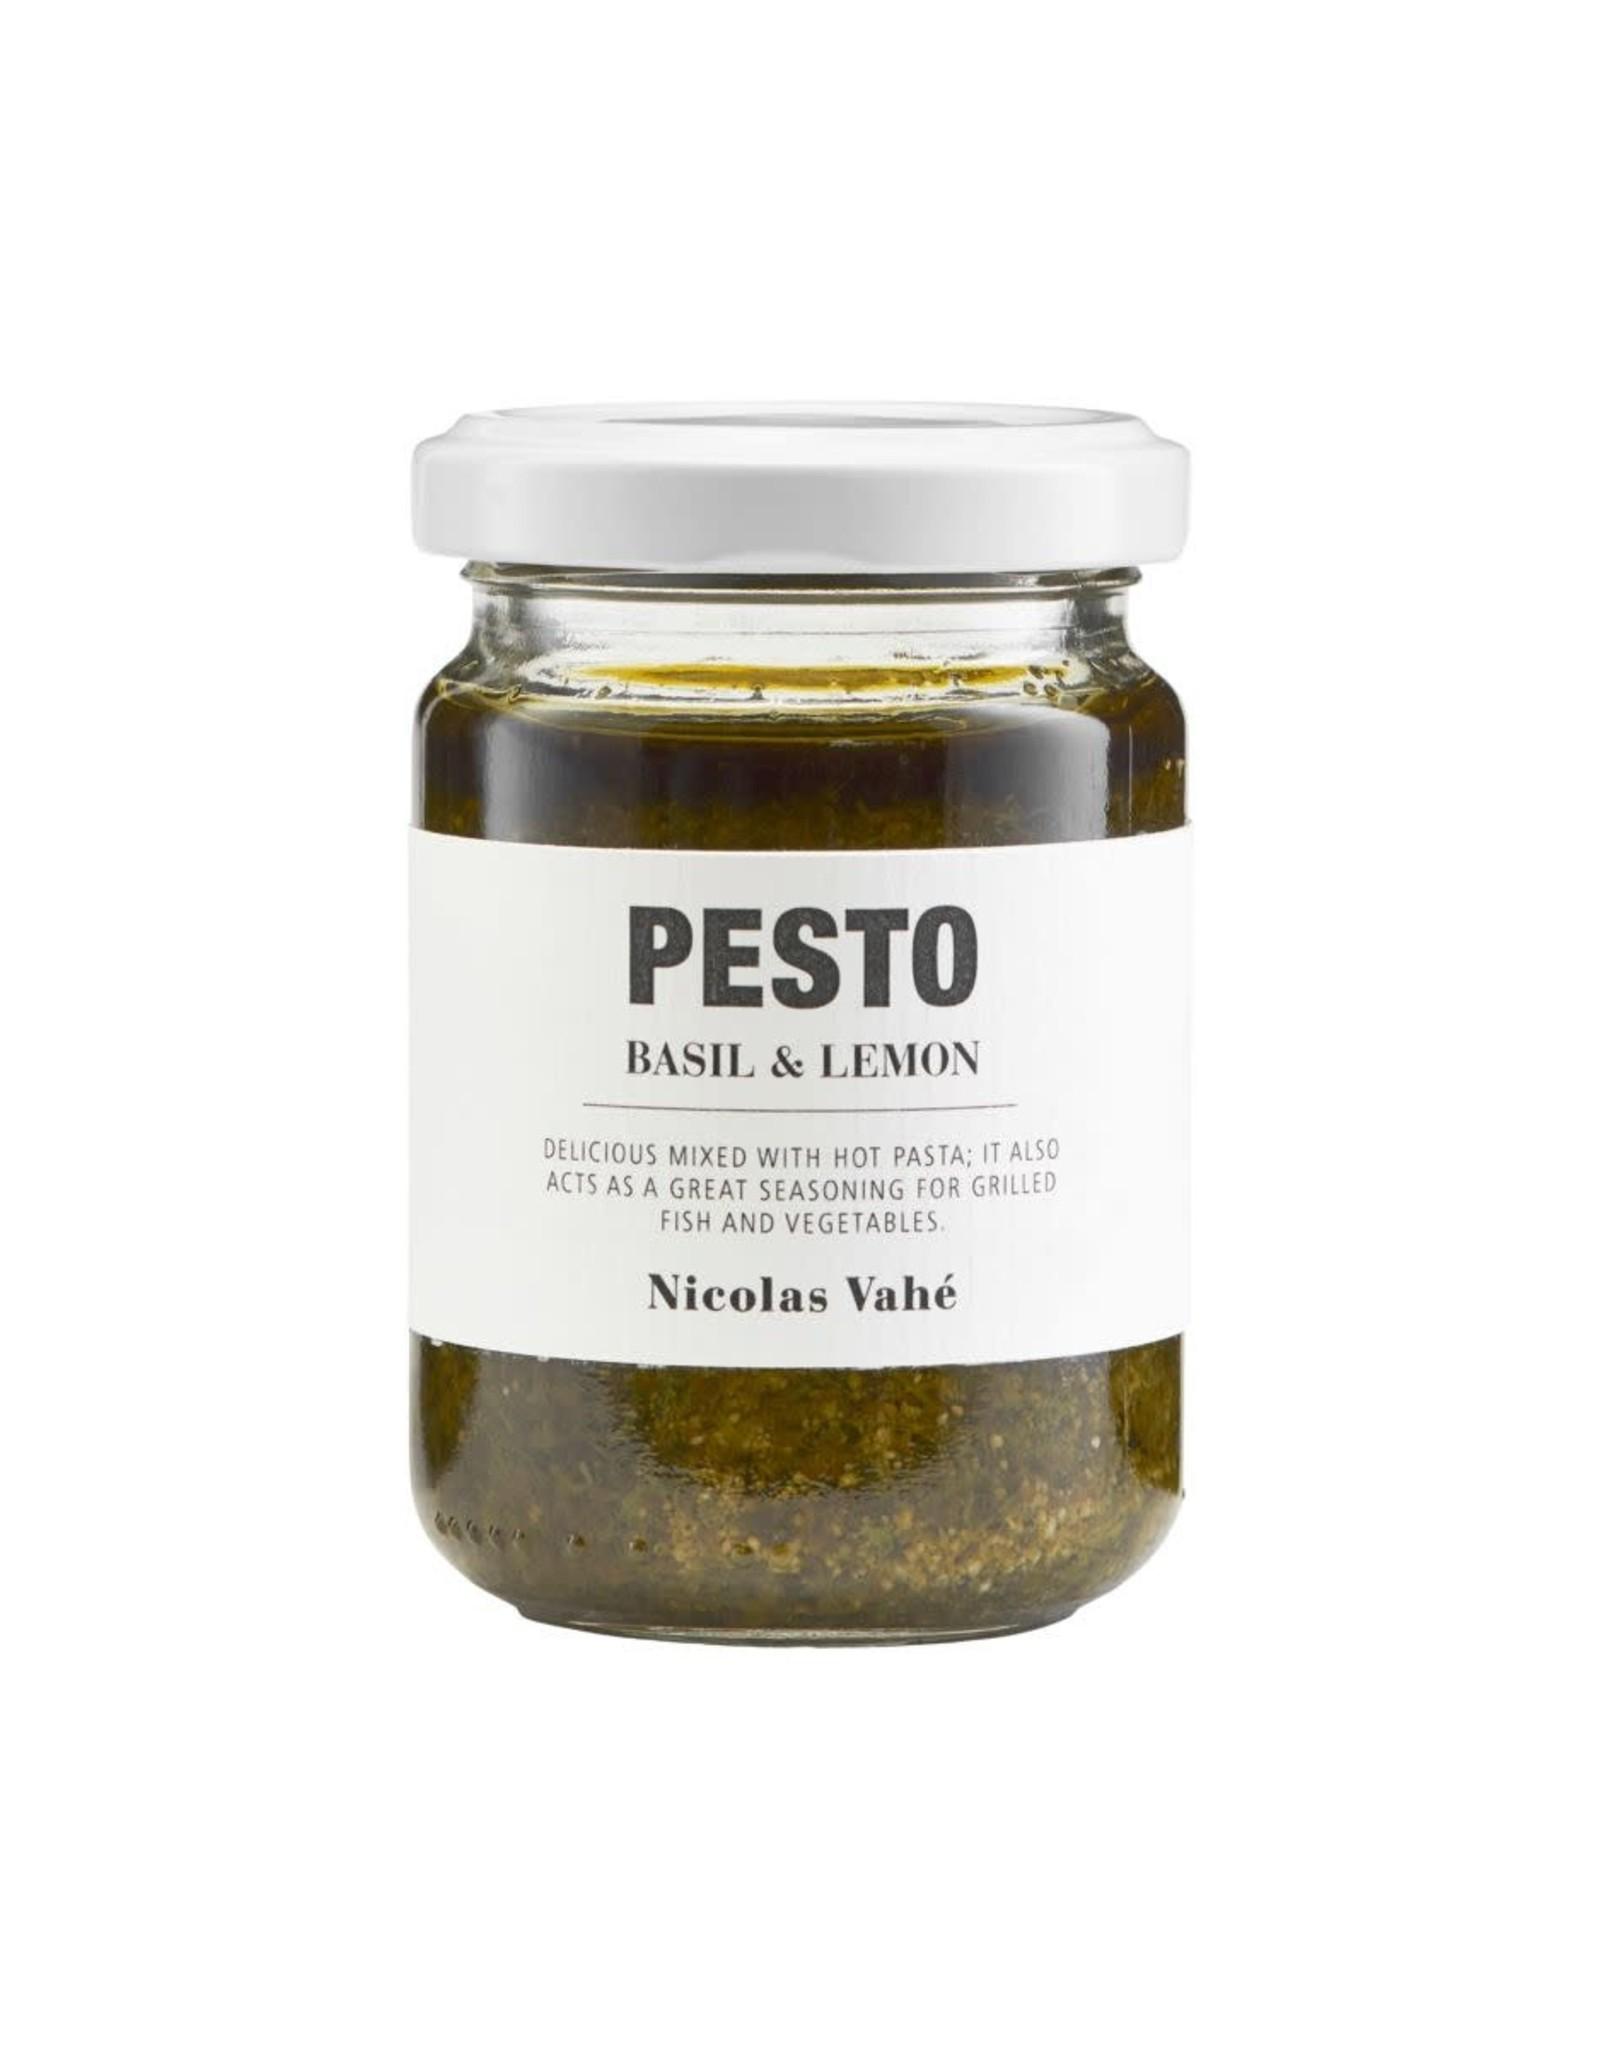 Nicolas Vahé Pesto-basil & lemon